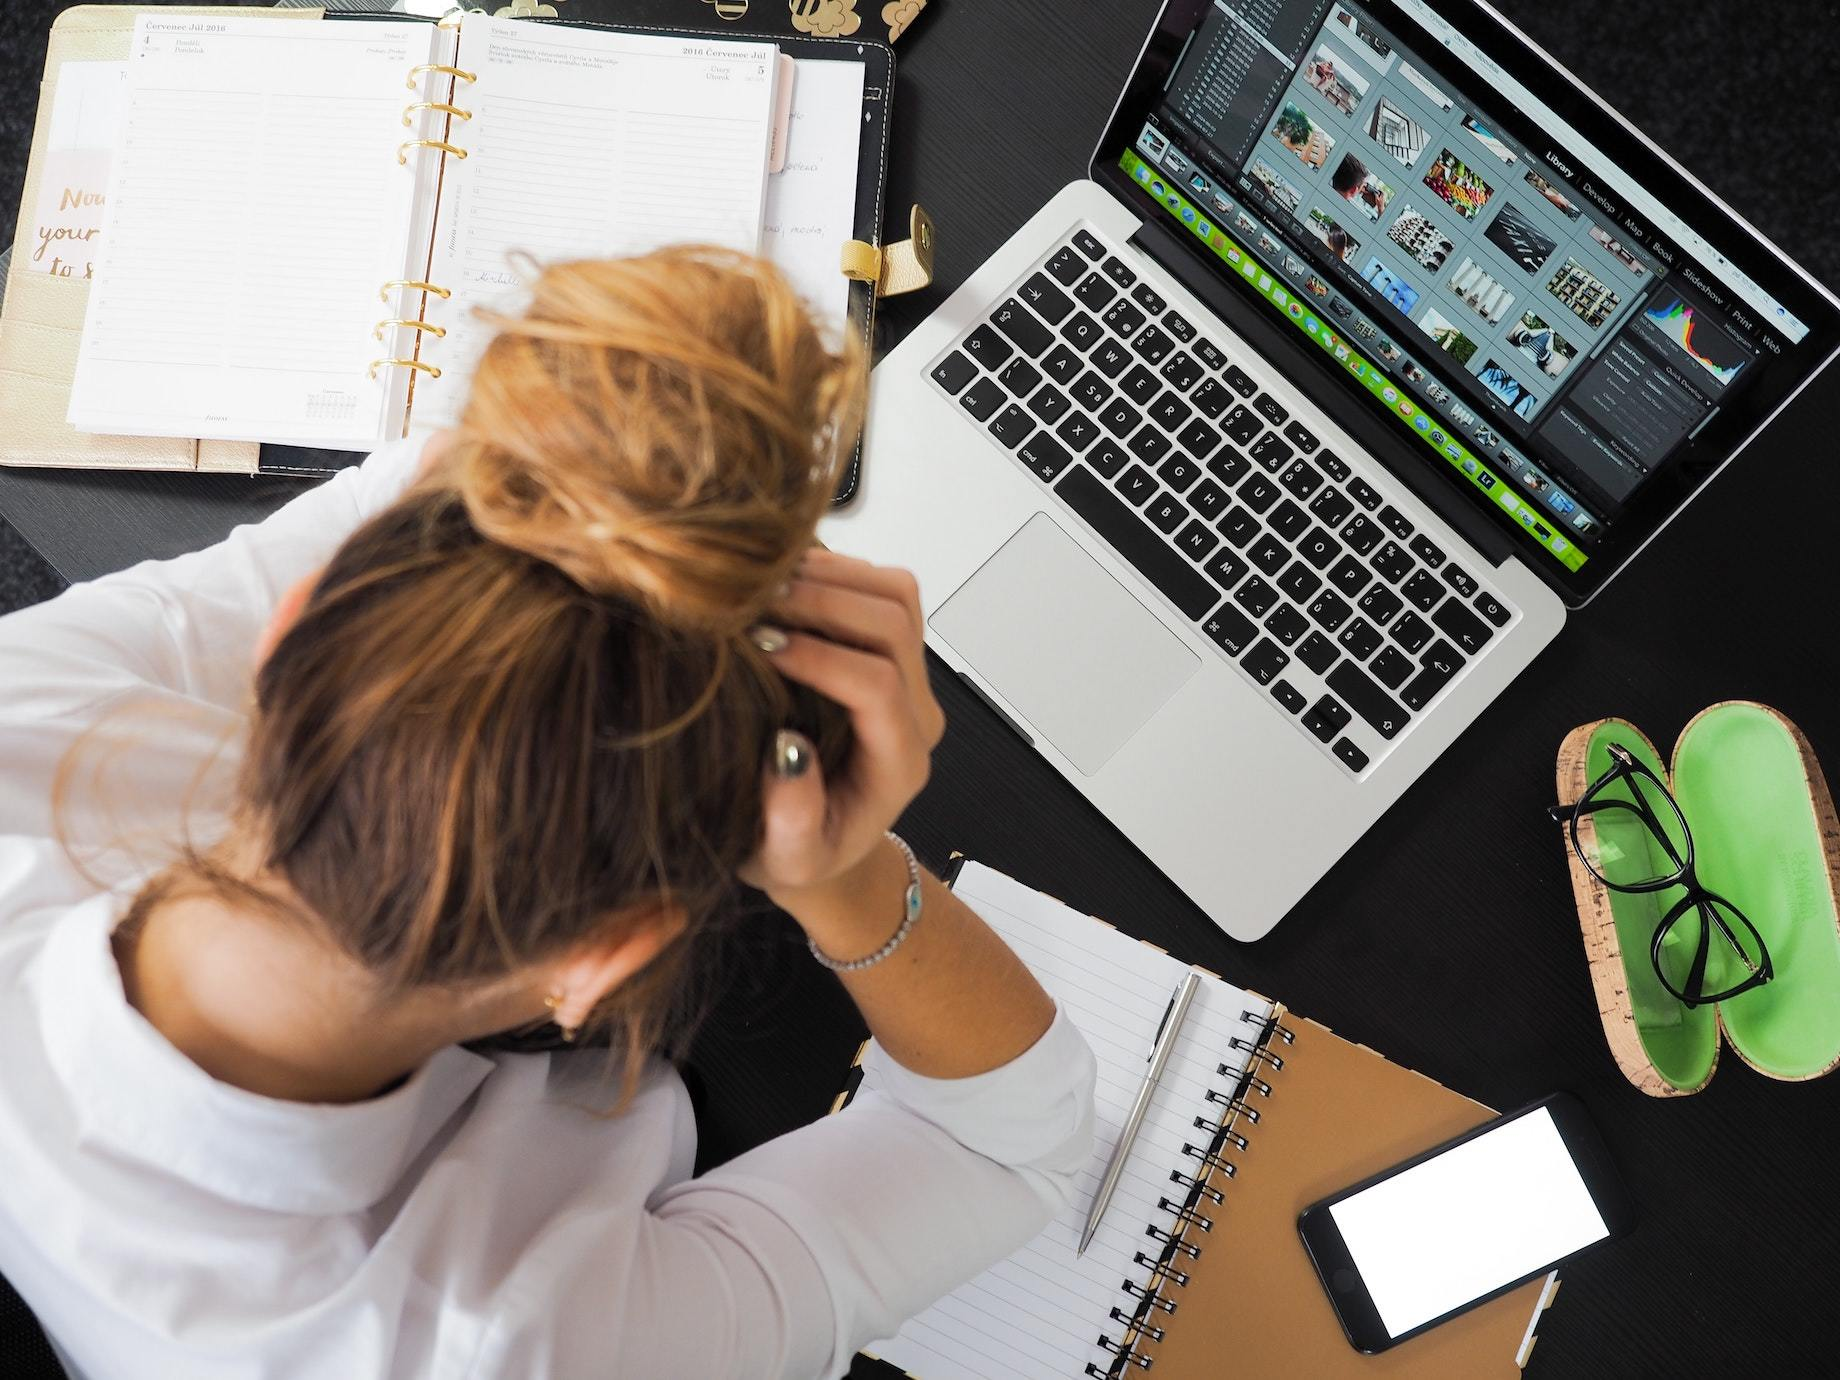 工作好痛苦,是不是該離職了?7招職場心理痛點測驗,理性檢視工作去留,別讓情緒替你「背書」!